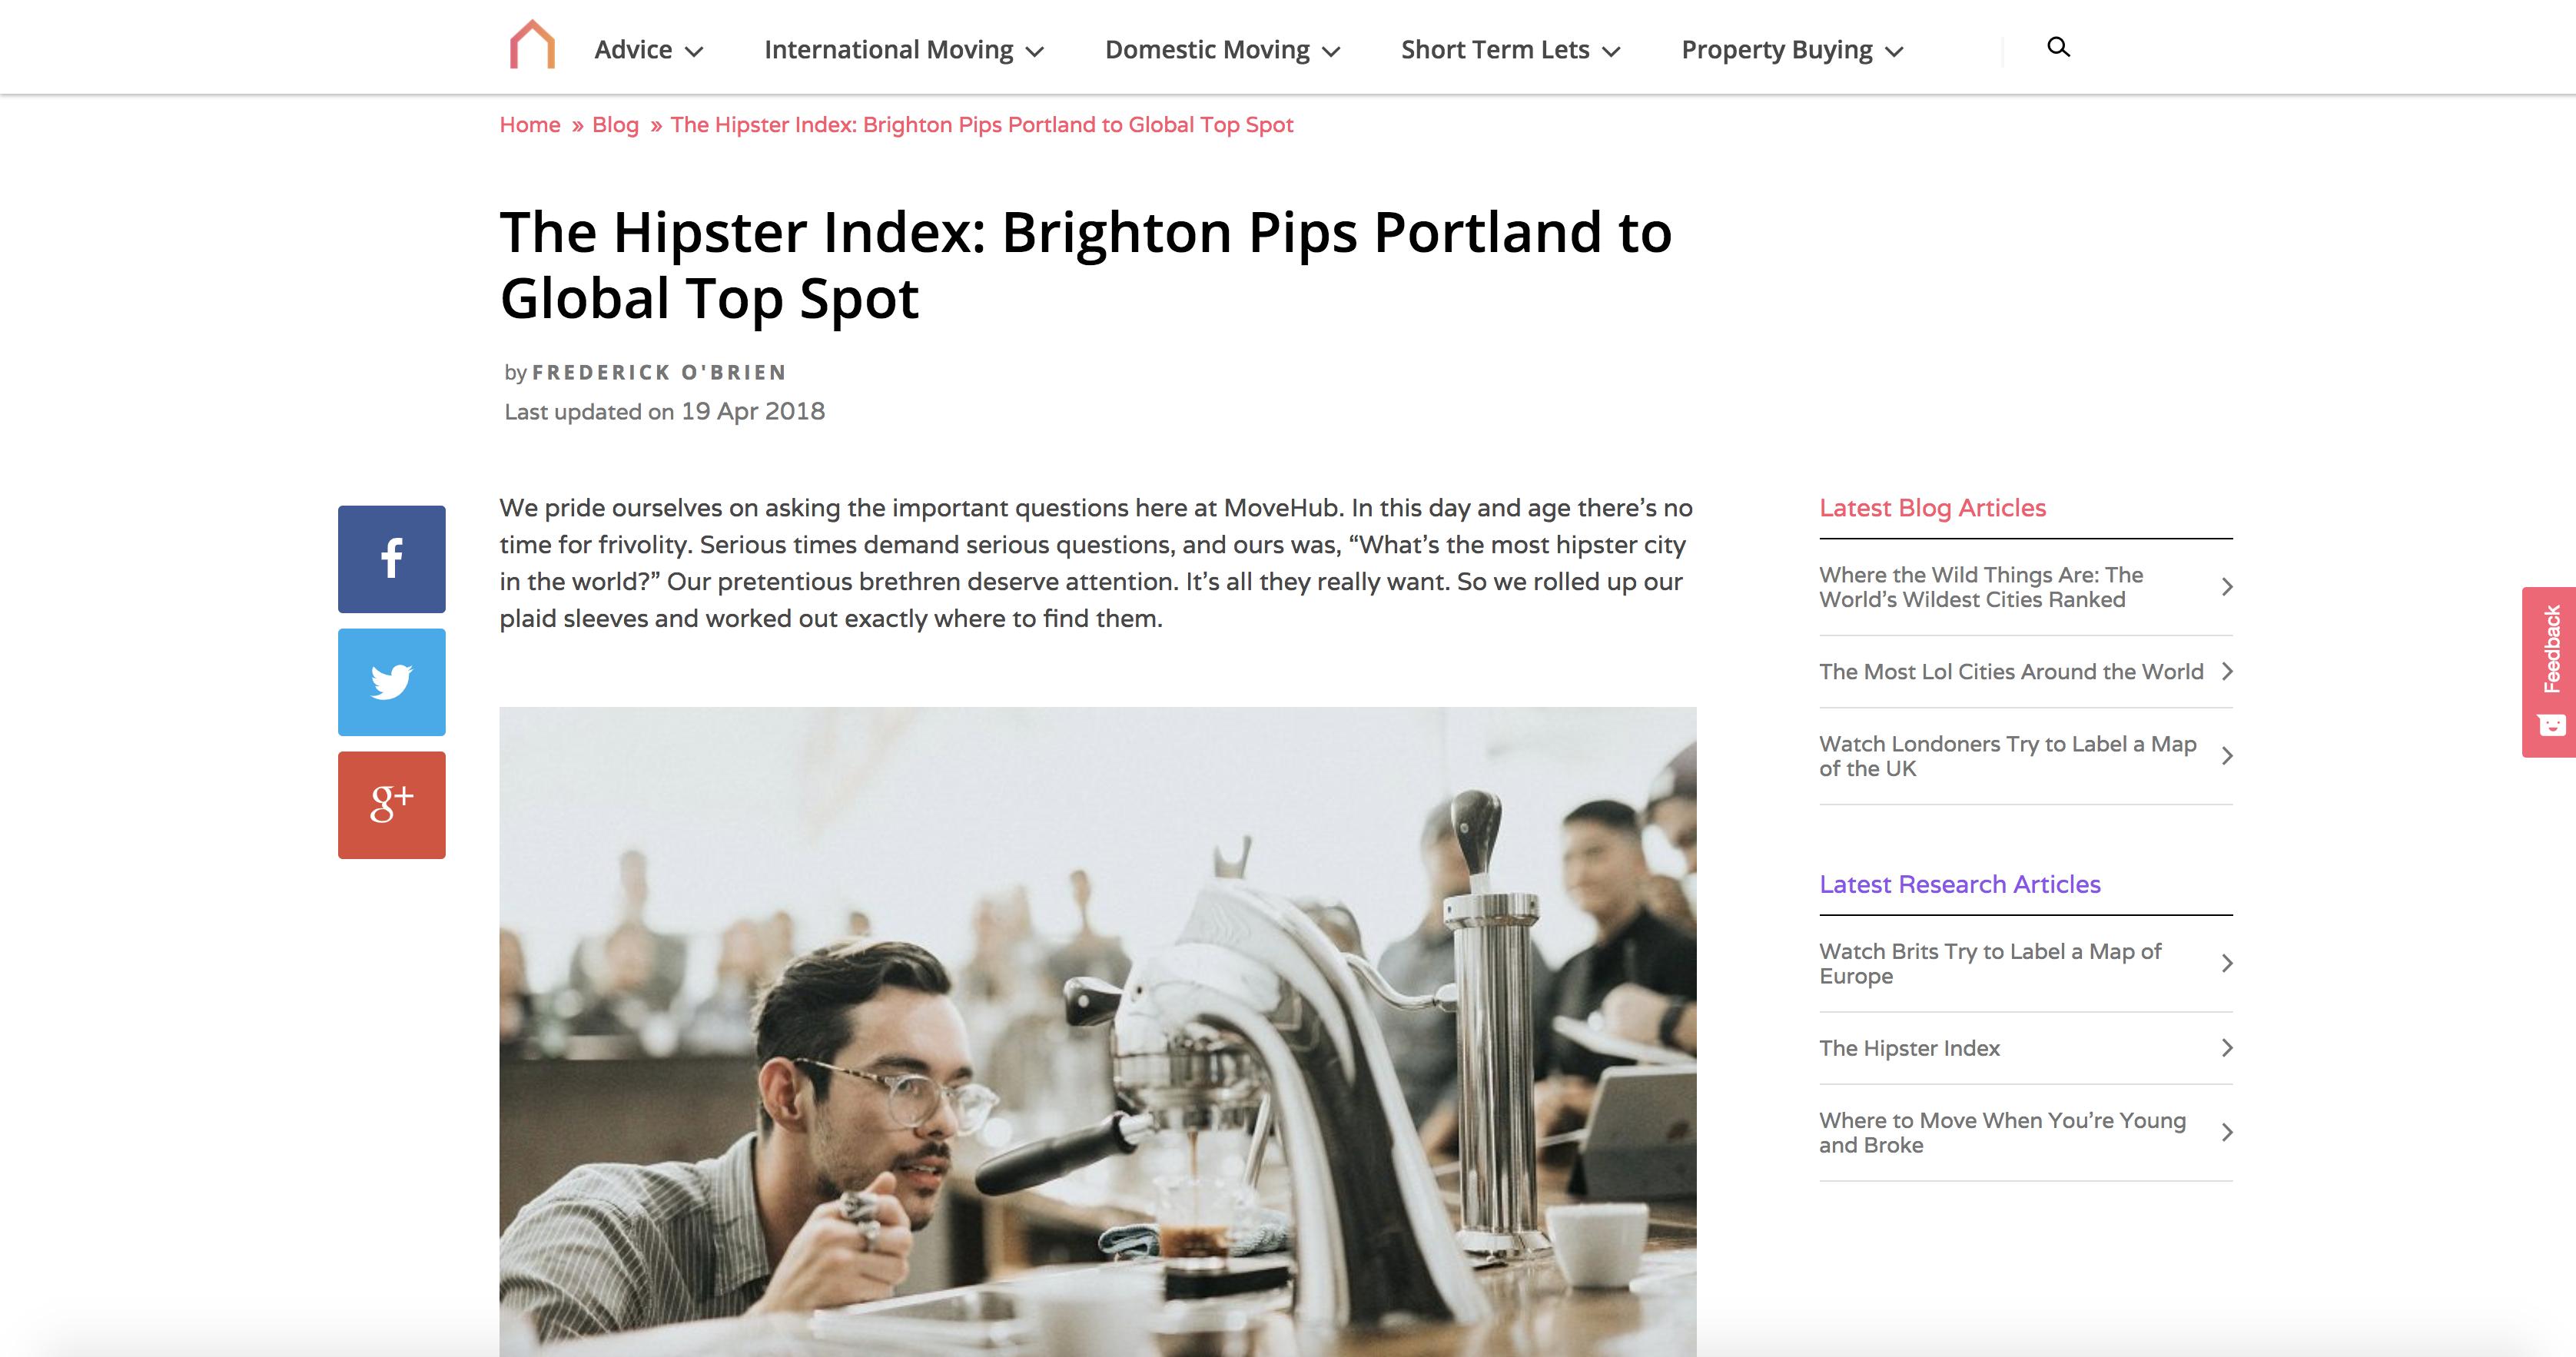 Ejemplo del índice hipster de Movehub